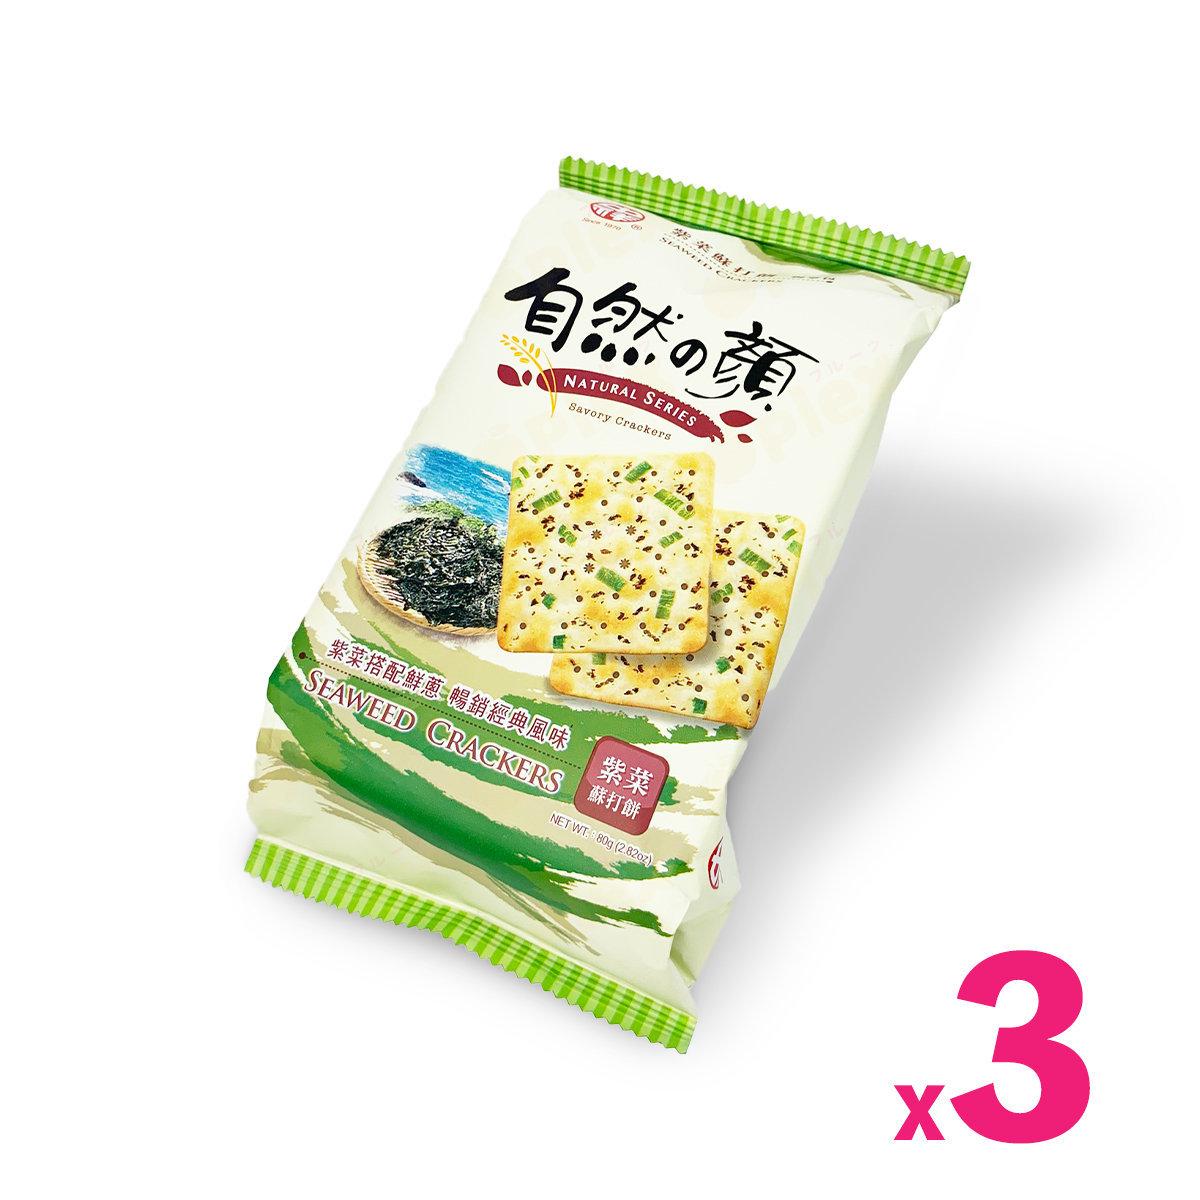 Seaweed Crackers (80g) x 3packs